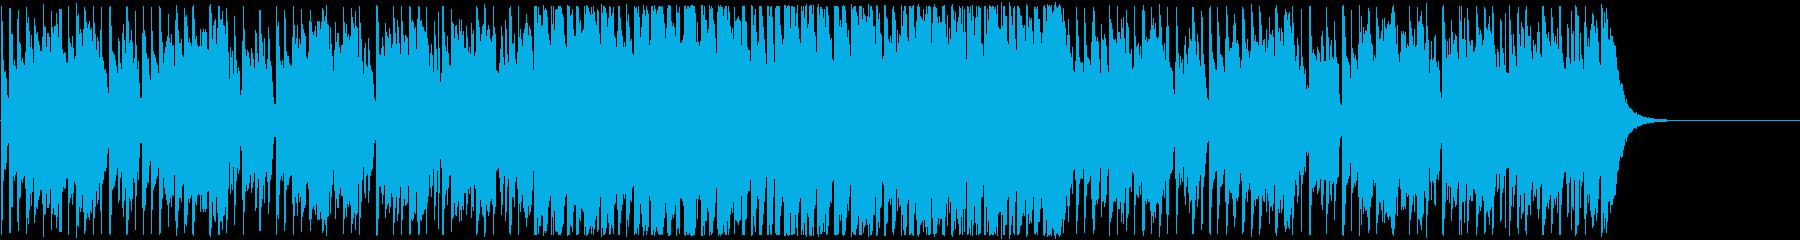 オープニング・夏・リラックス・レゲエの再生済みの波形